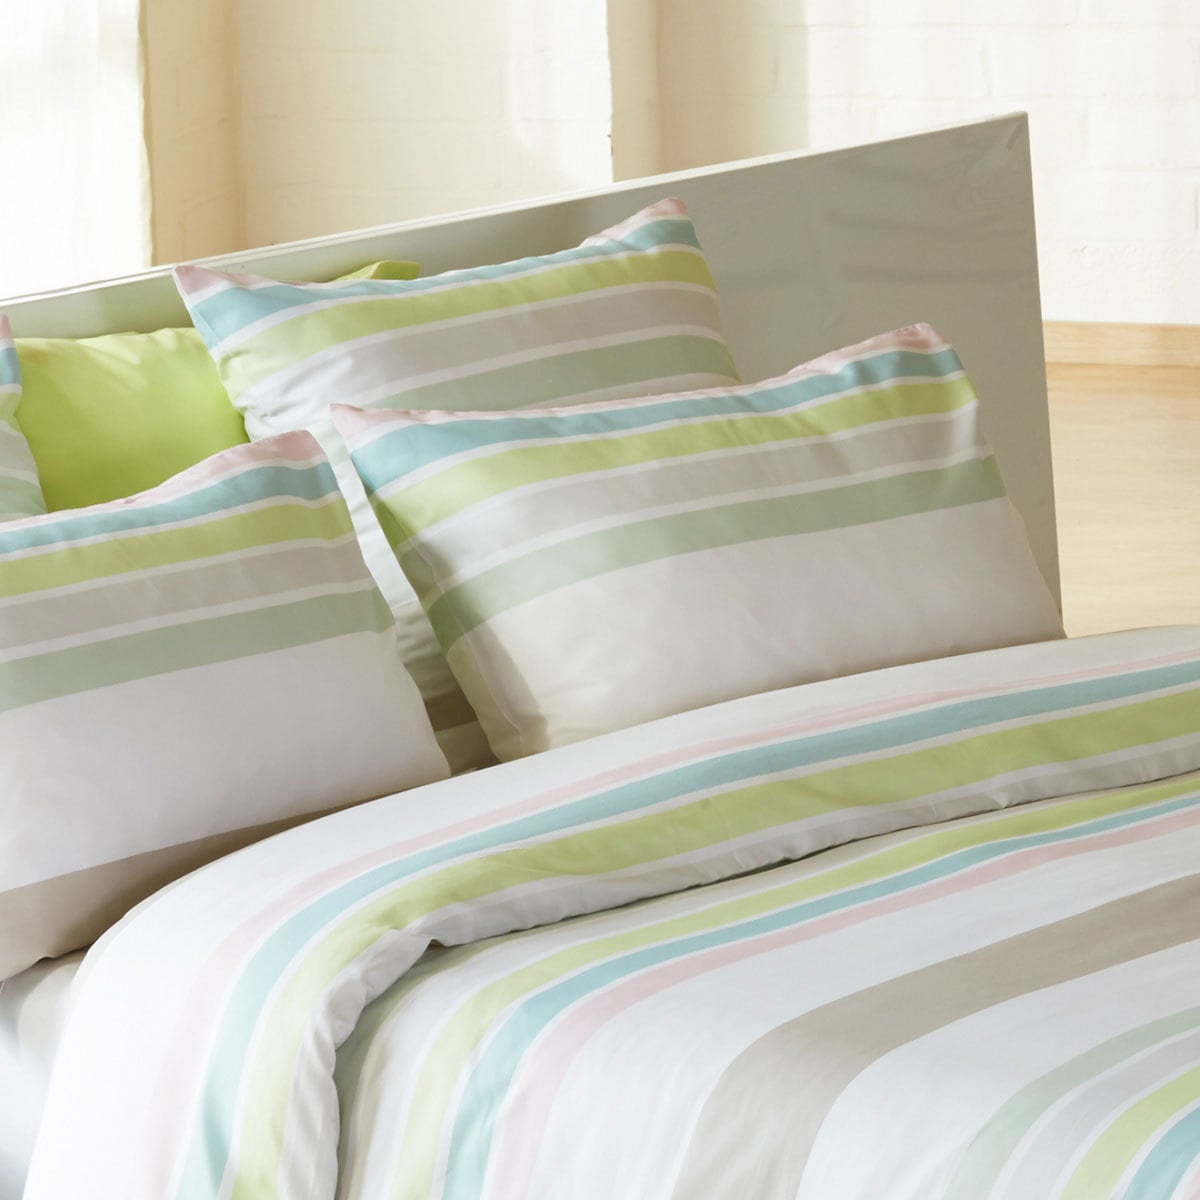 traumschlaf bettw sche pinch g nstig online kaufen bei bettwaren shop. Black Bedroom Furniture Sets. Home Design Ideas